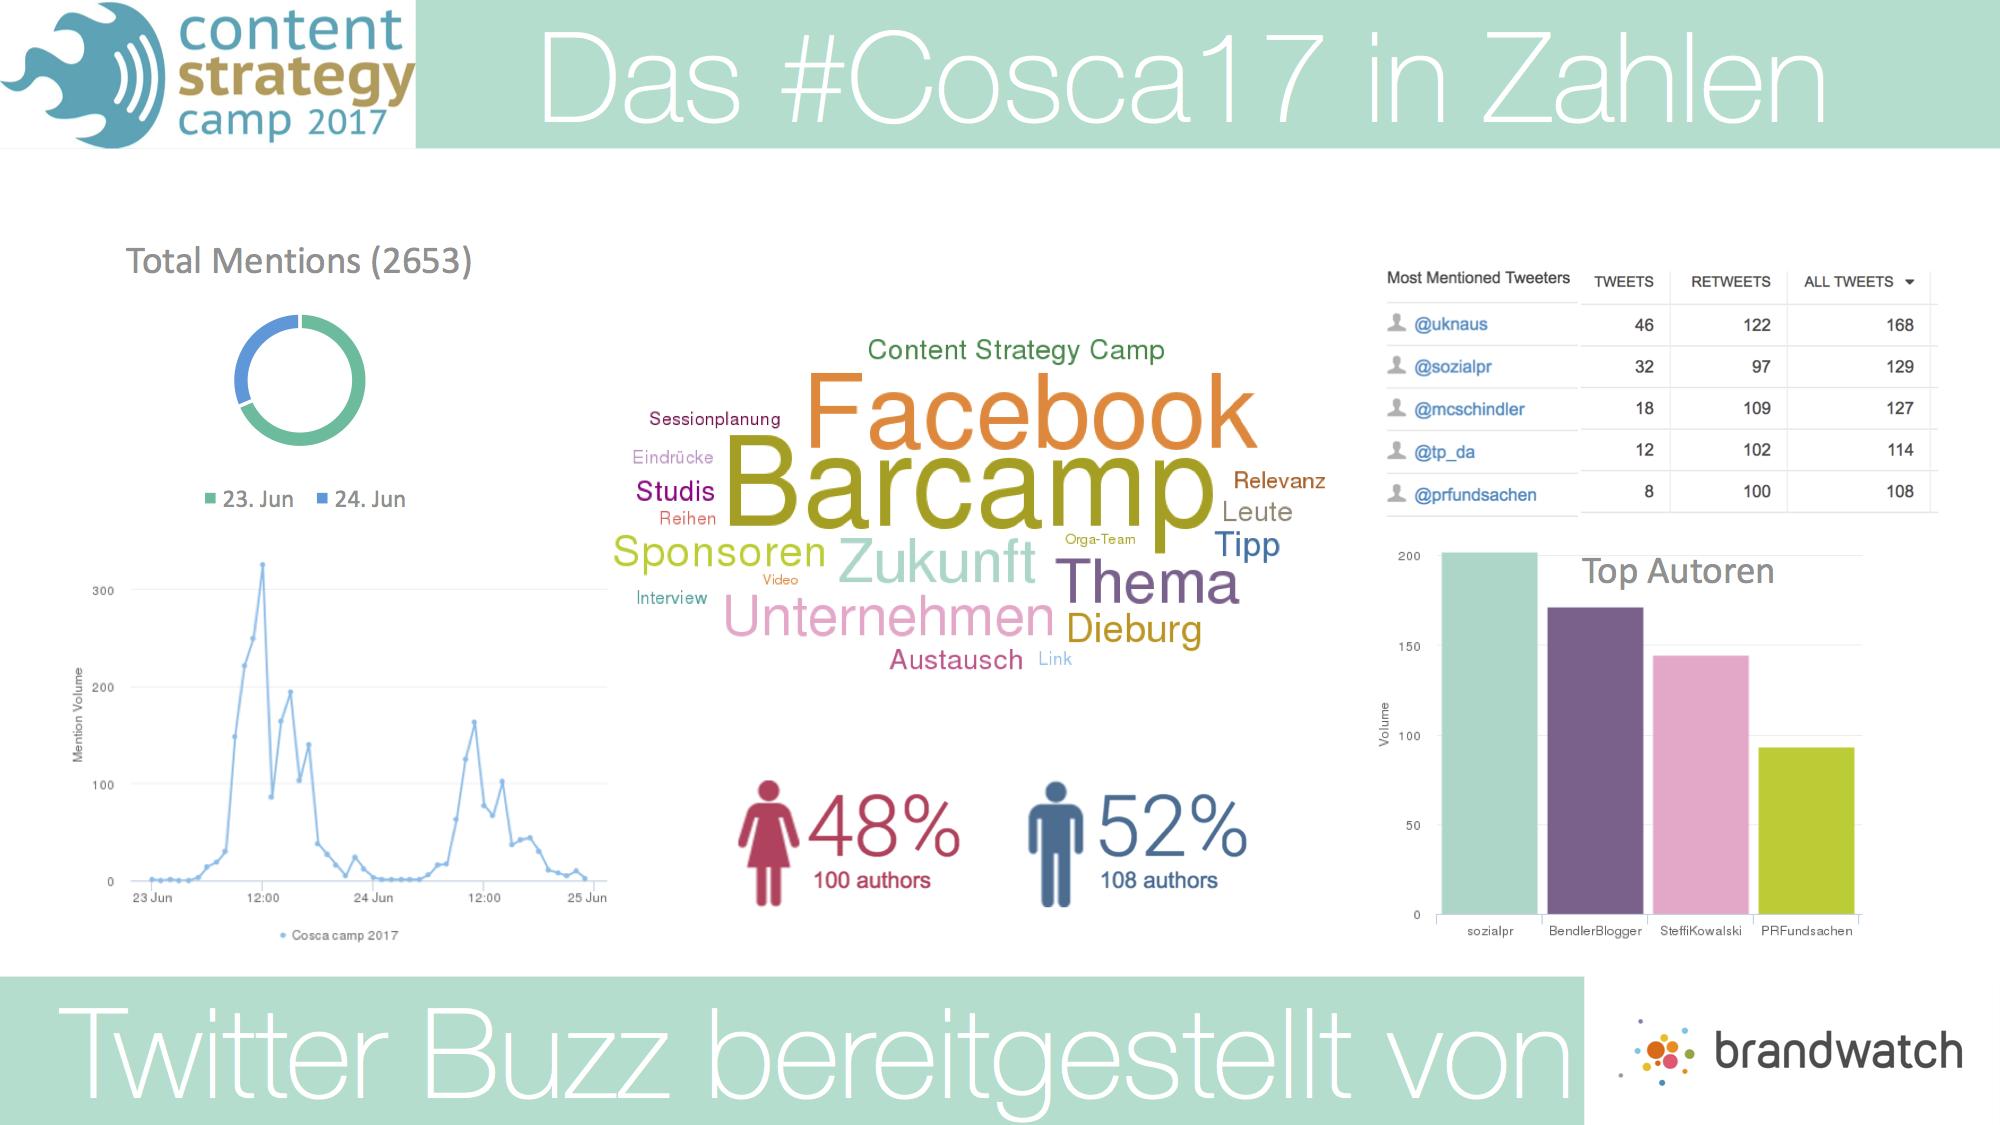 Wichtigen Statistiken rund um das Cosca17